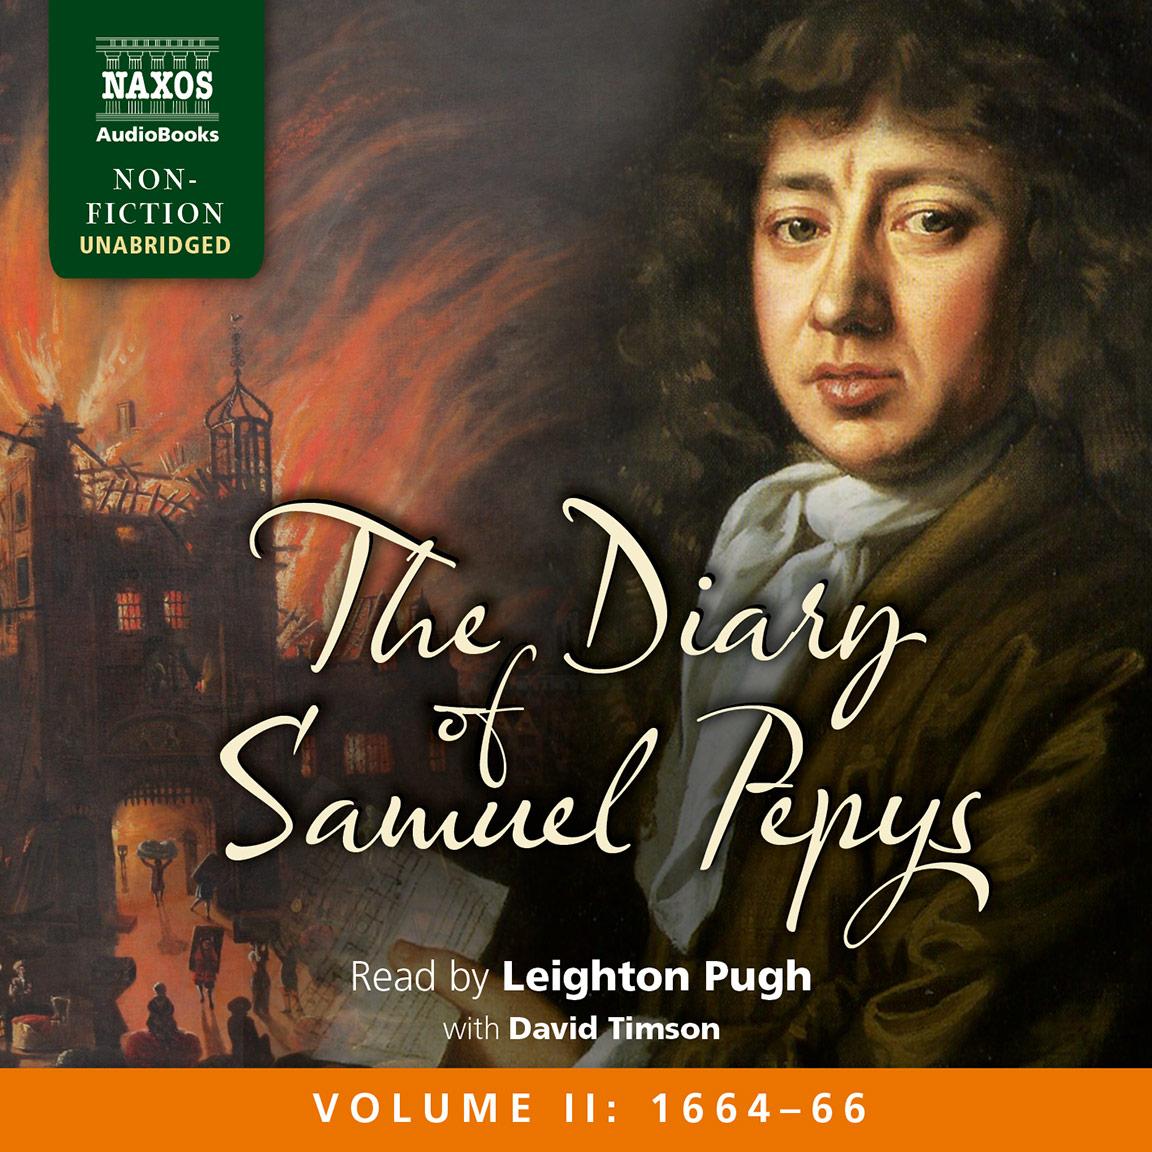 Diary of Samuel Pepys